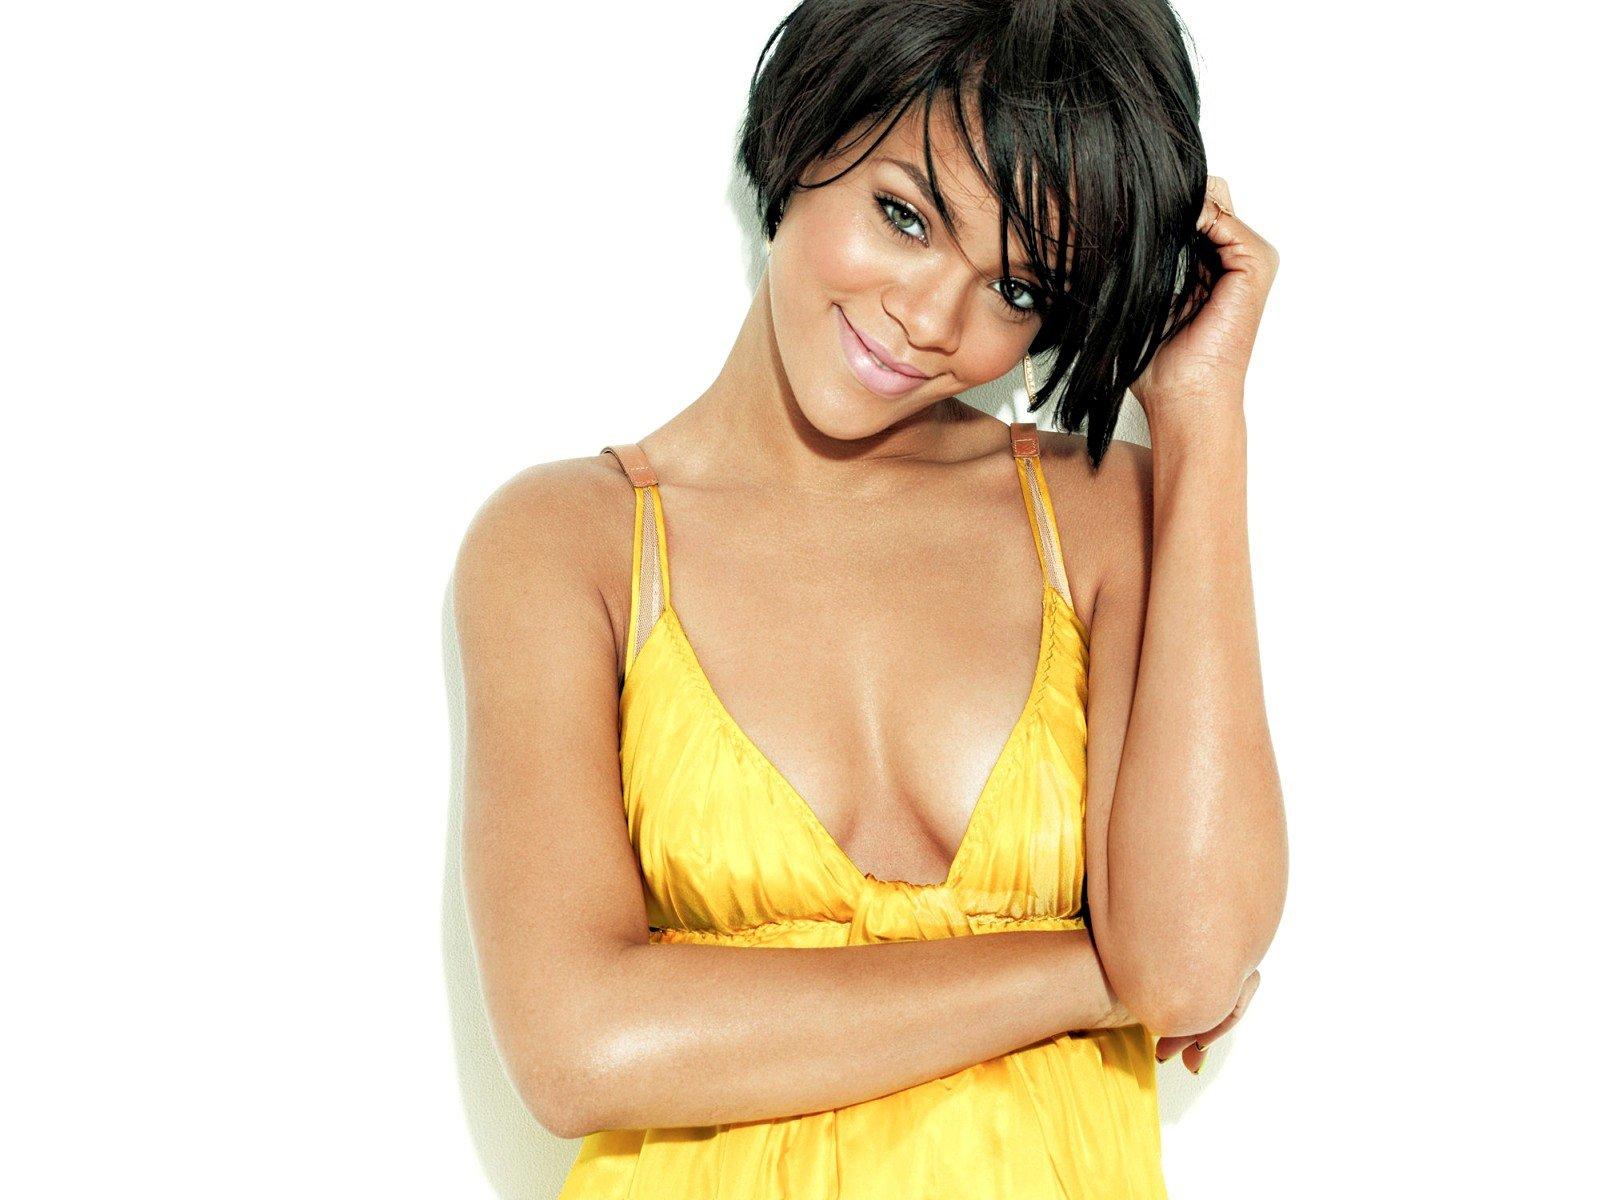 http://2.bp.blogspot.com/-Kn6EhXROB68/T2JzykkHrtI/AAAAAAAAAhU/Z8D_uMaSDSc/s1600/Rihanna%2B3.jpg